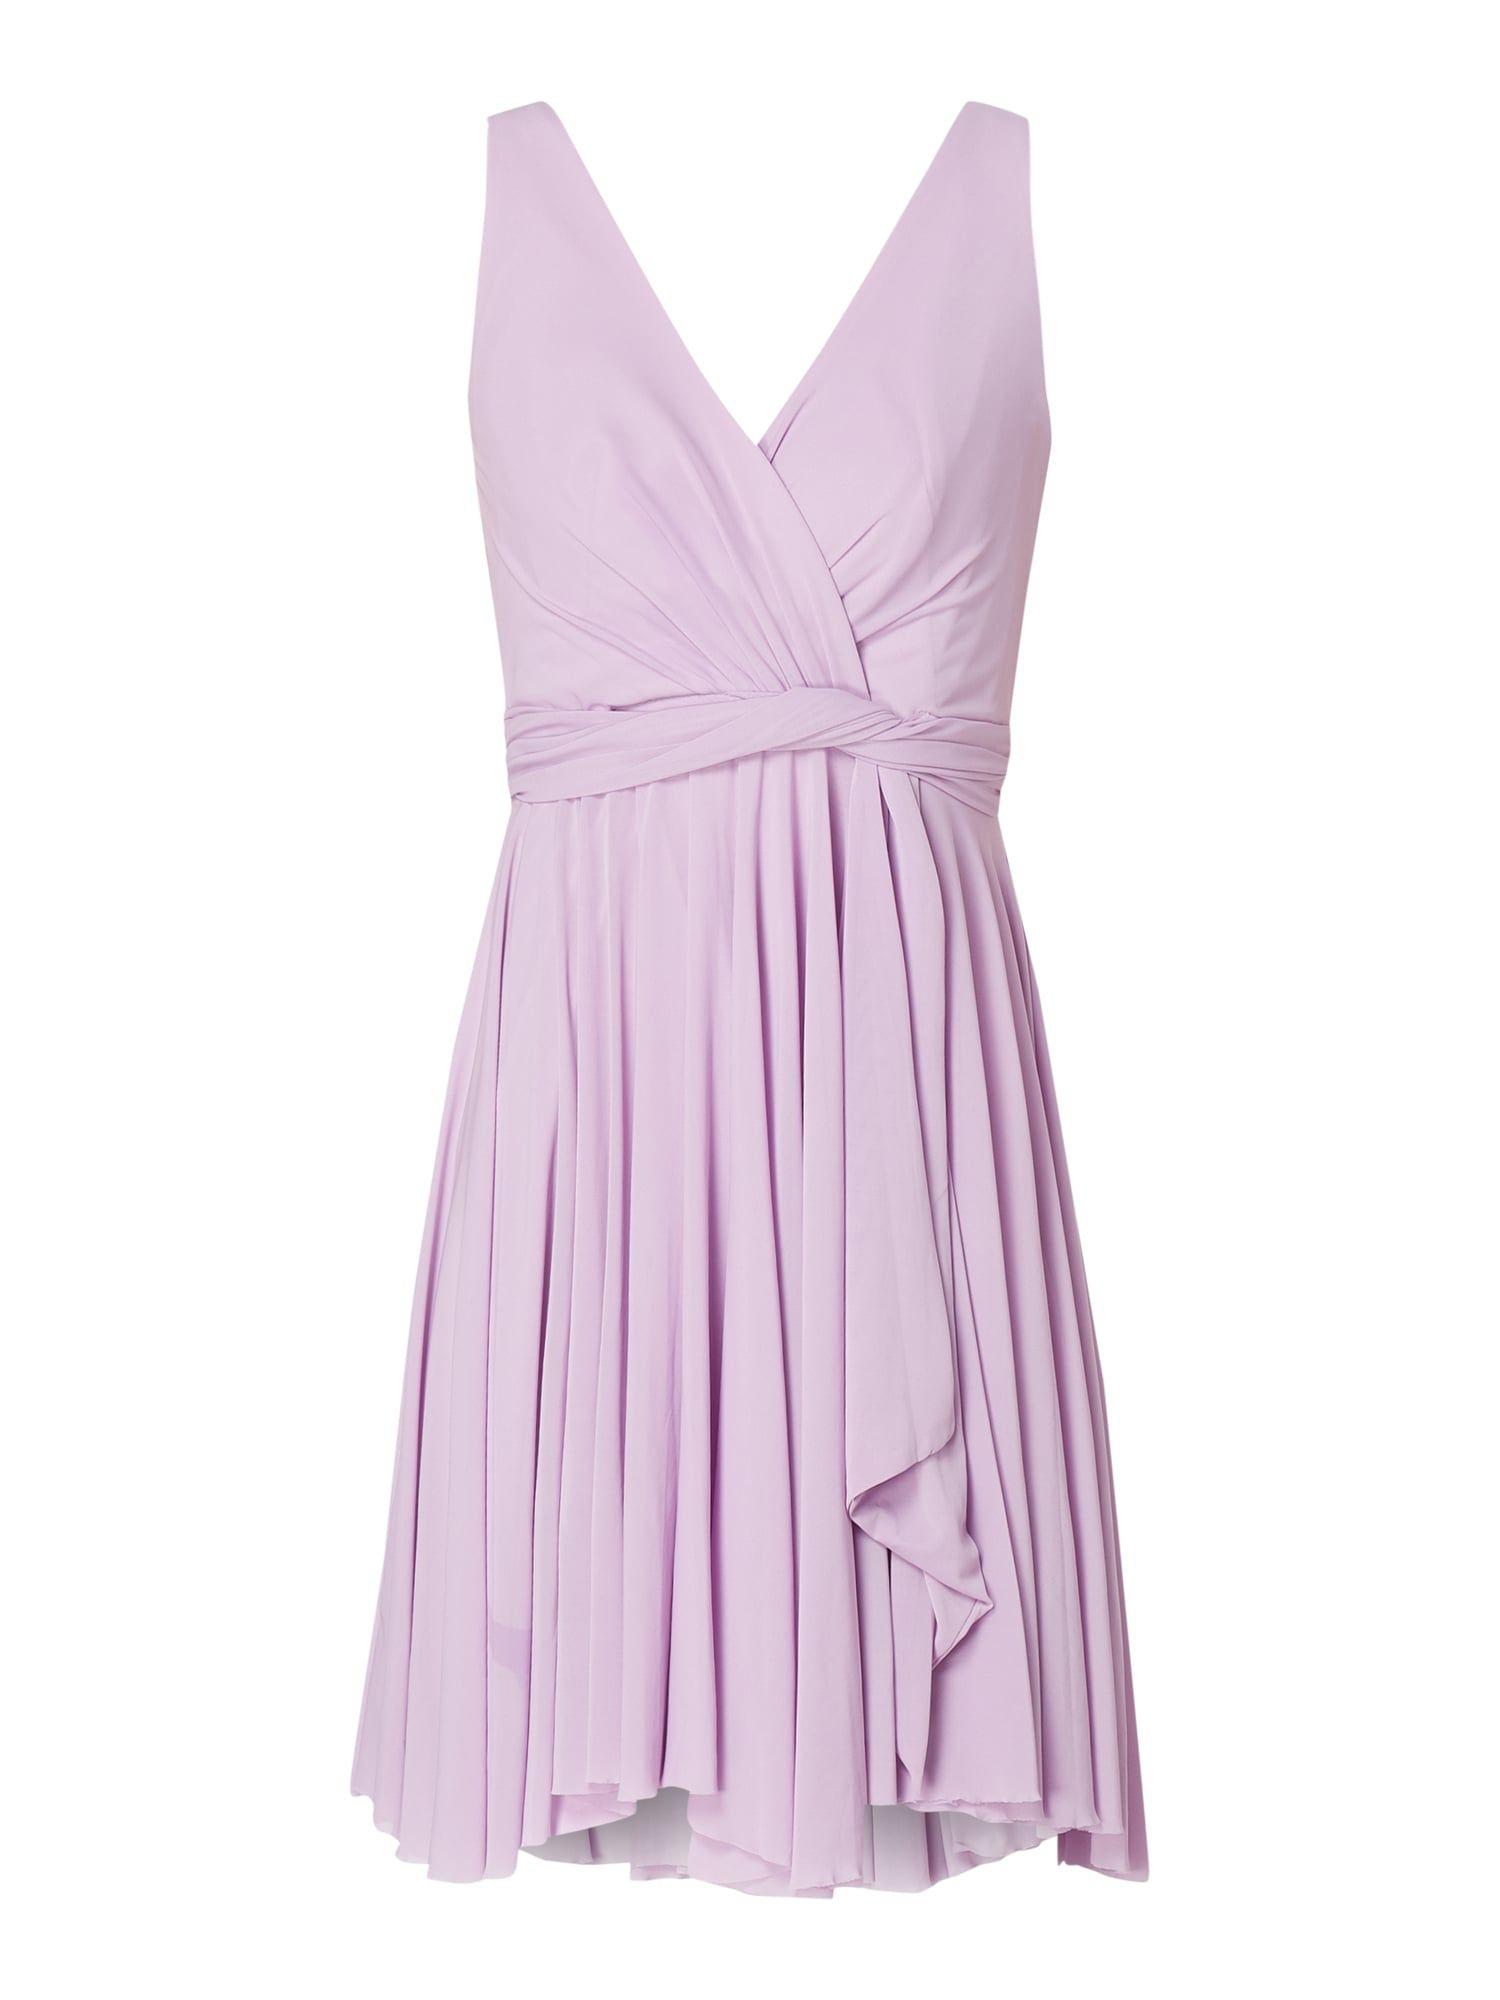 20 Genial Troyden Collection Abendkleid Design13 Einfach Troyden Collection Abendkleid Stylish